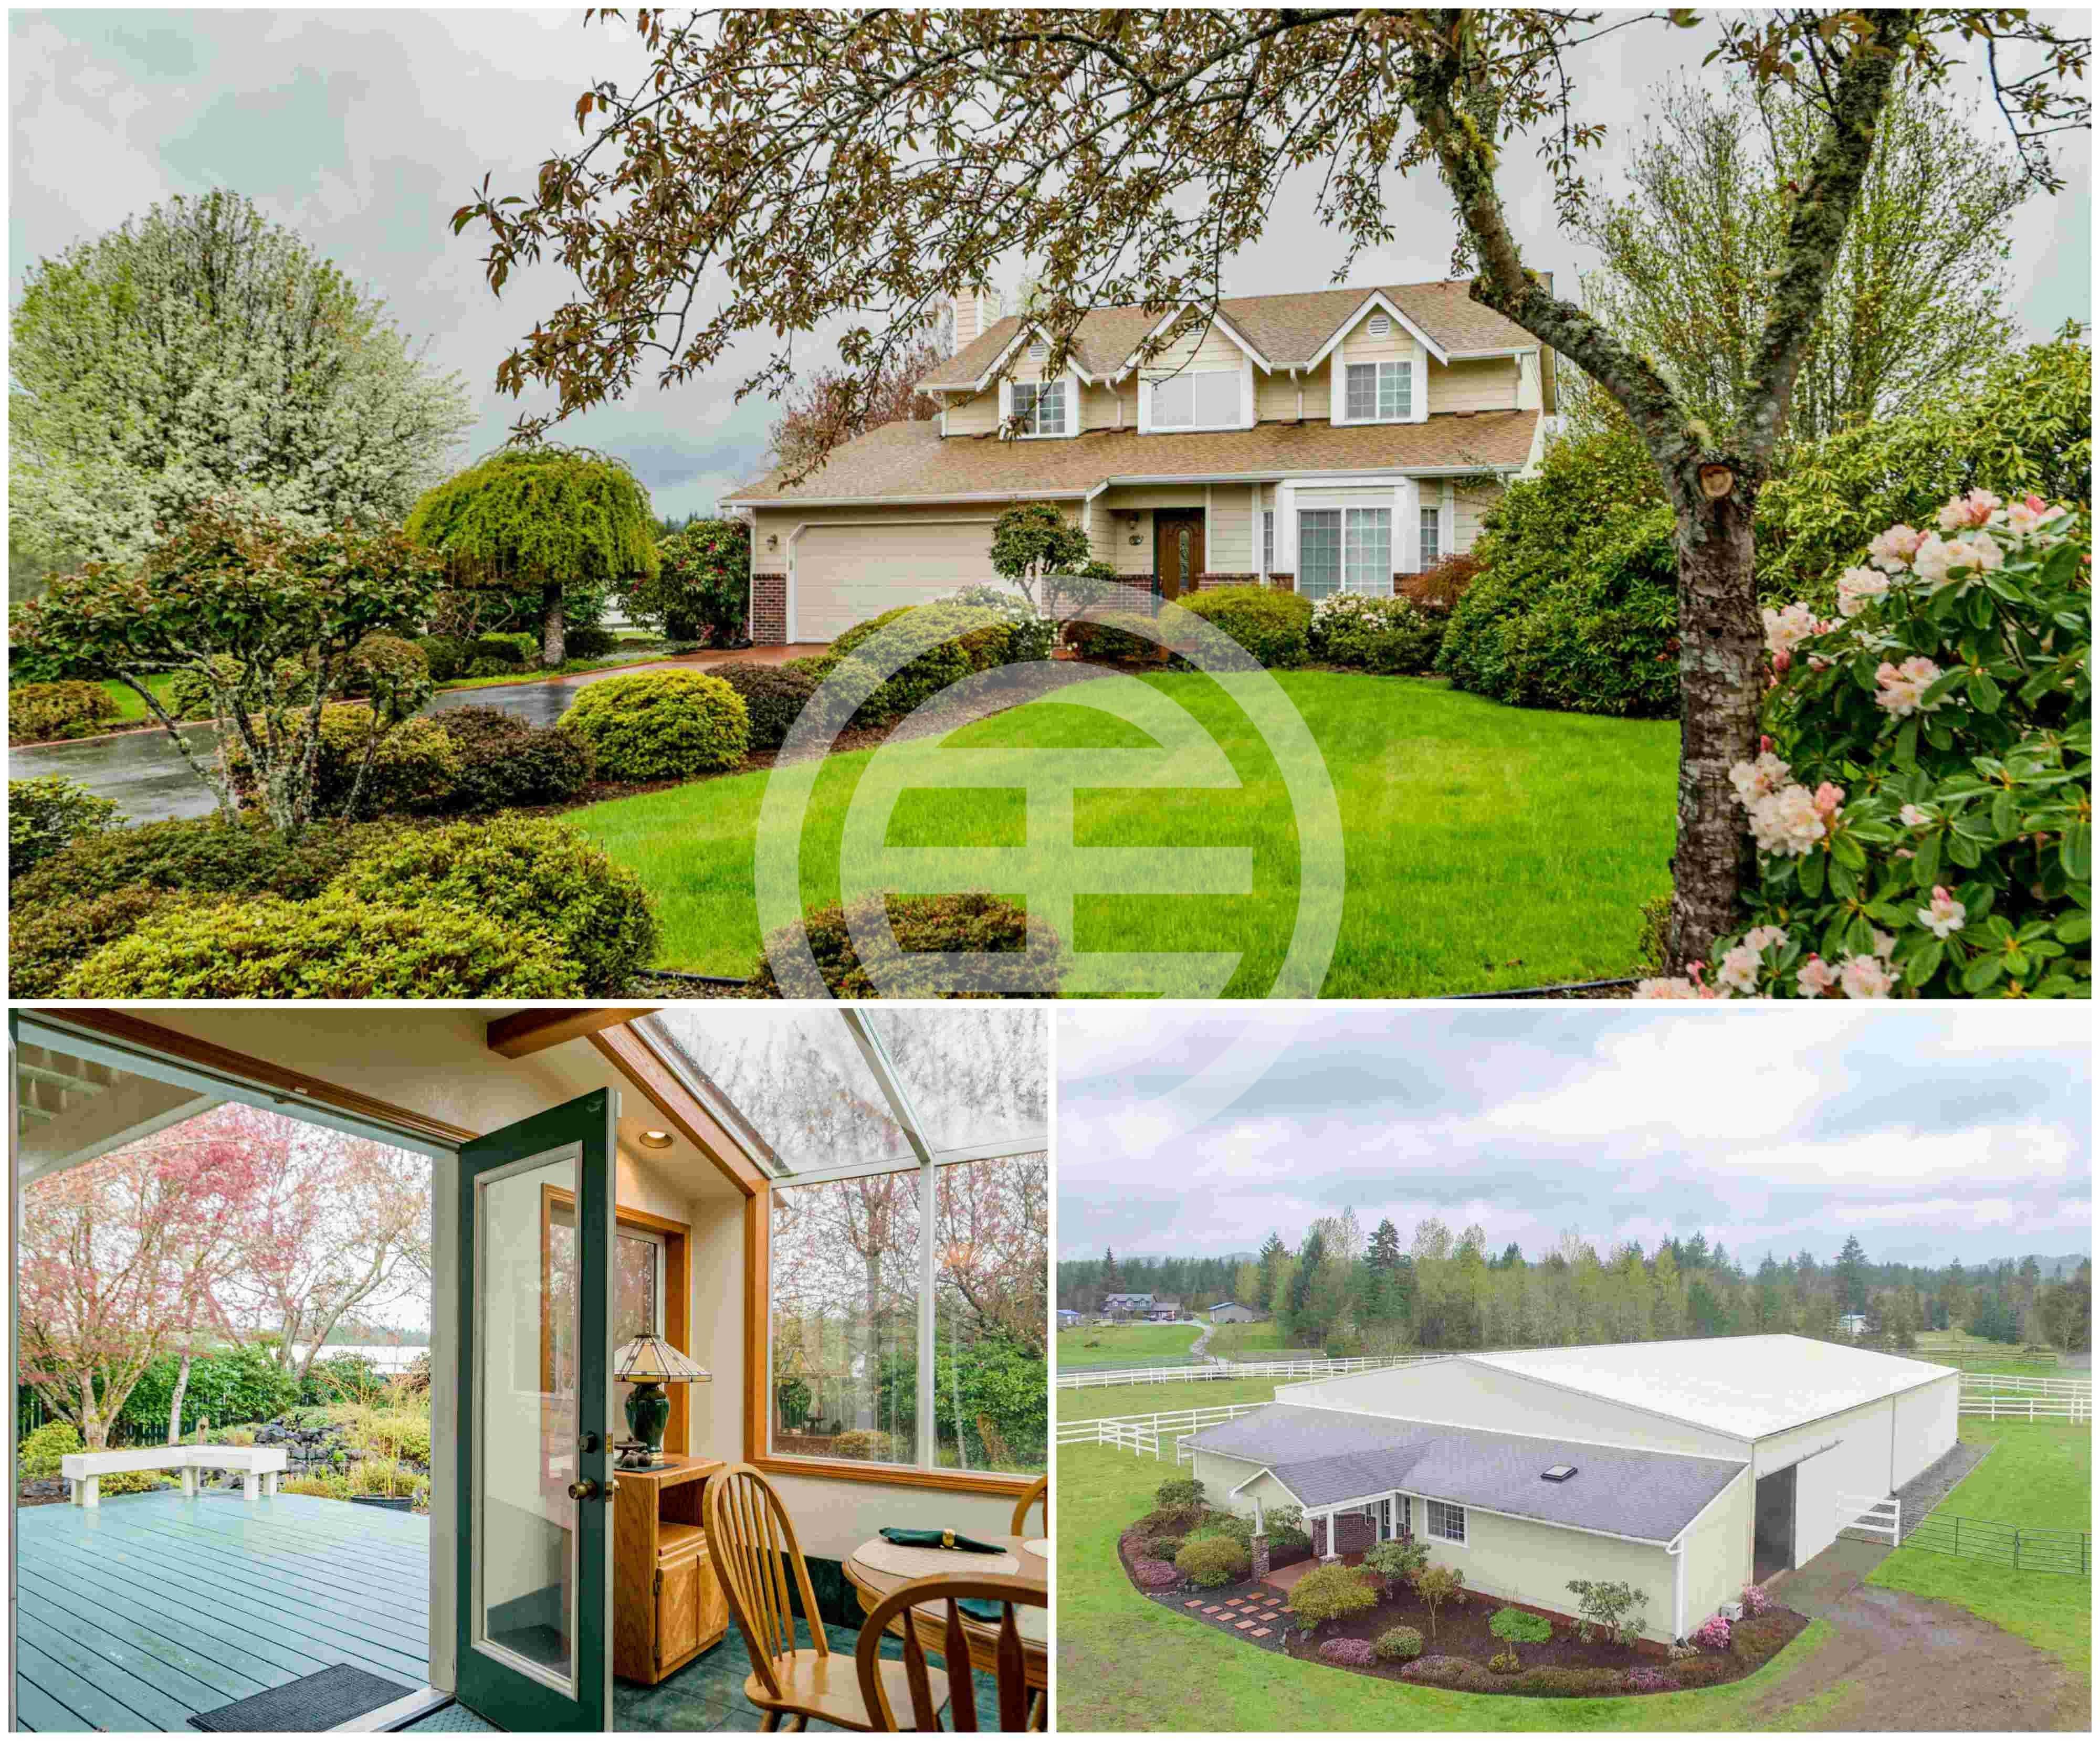 理想的环境,永恒的魅力,四季合适的乡村庄园——美国华盛顿州奥林匹亚的豪华大宅连私人马场,3卧2.5卫,占地4.3英亩